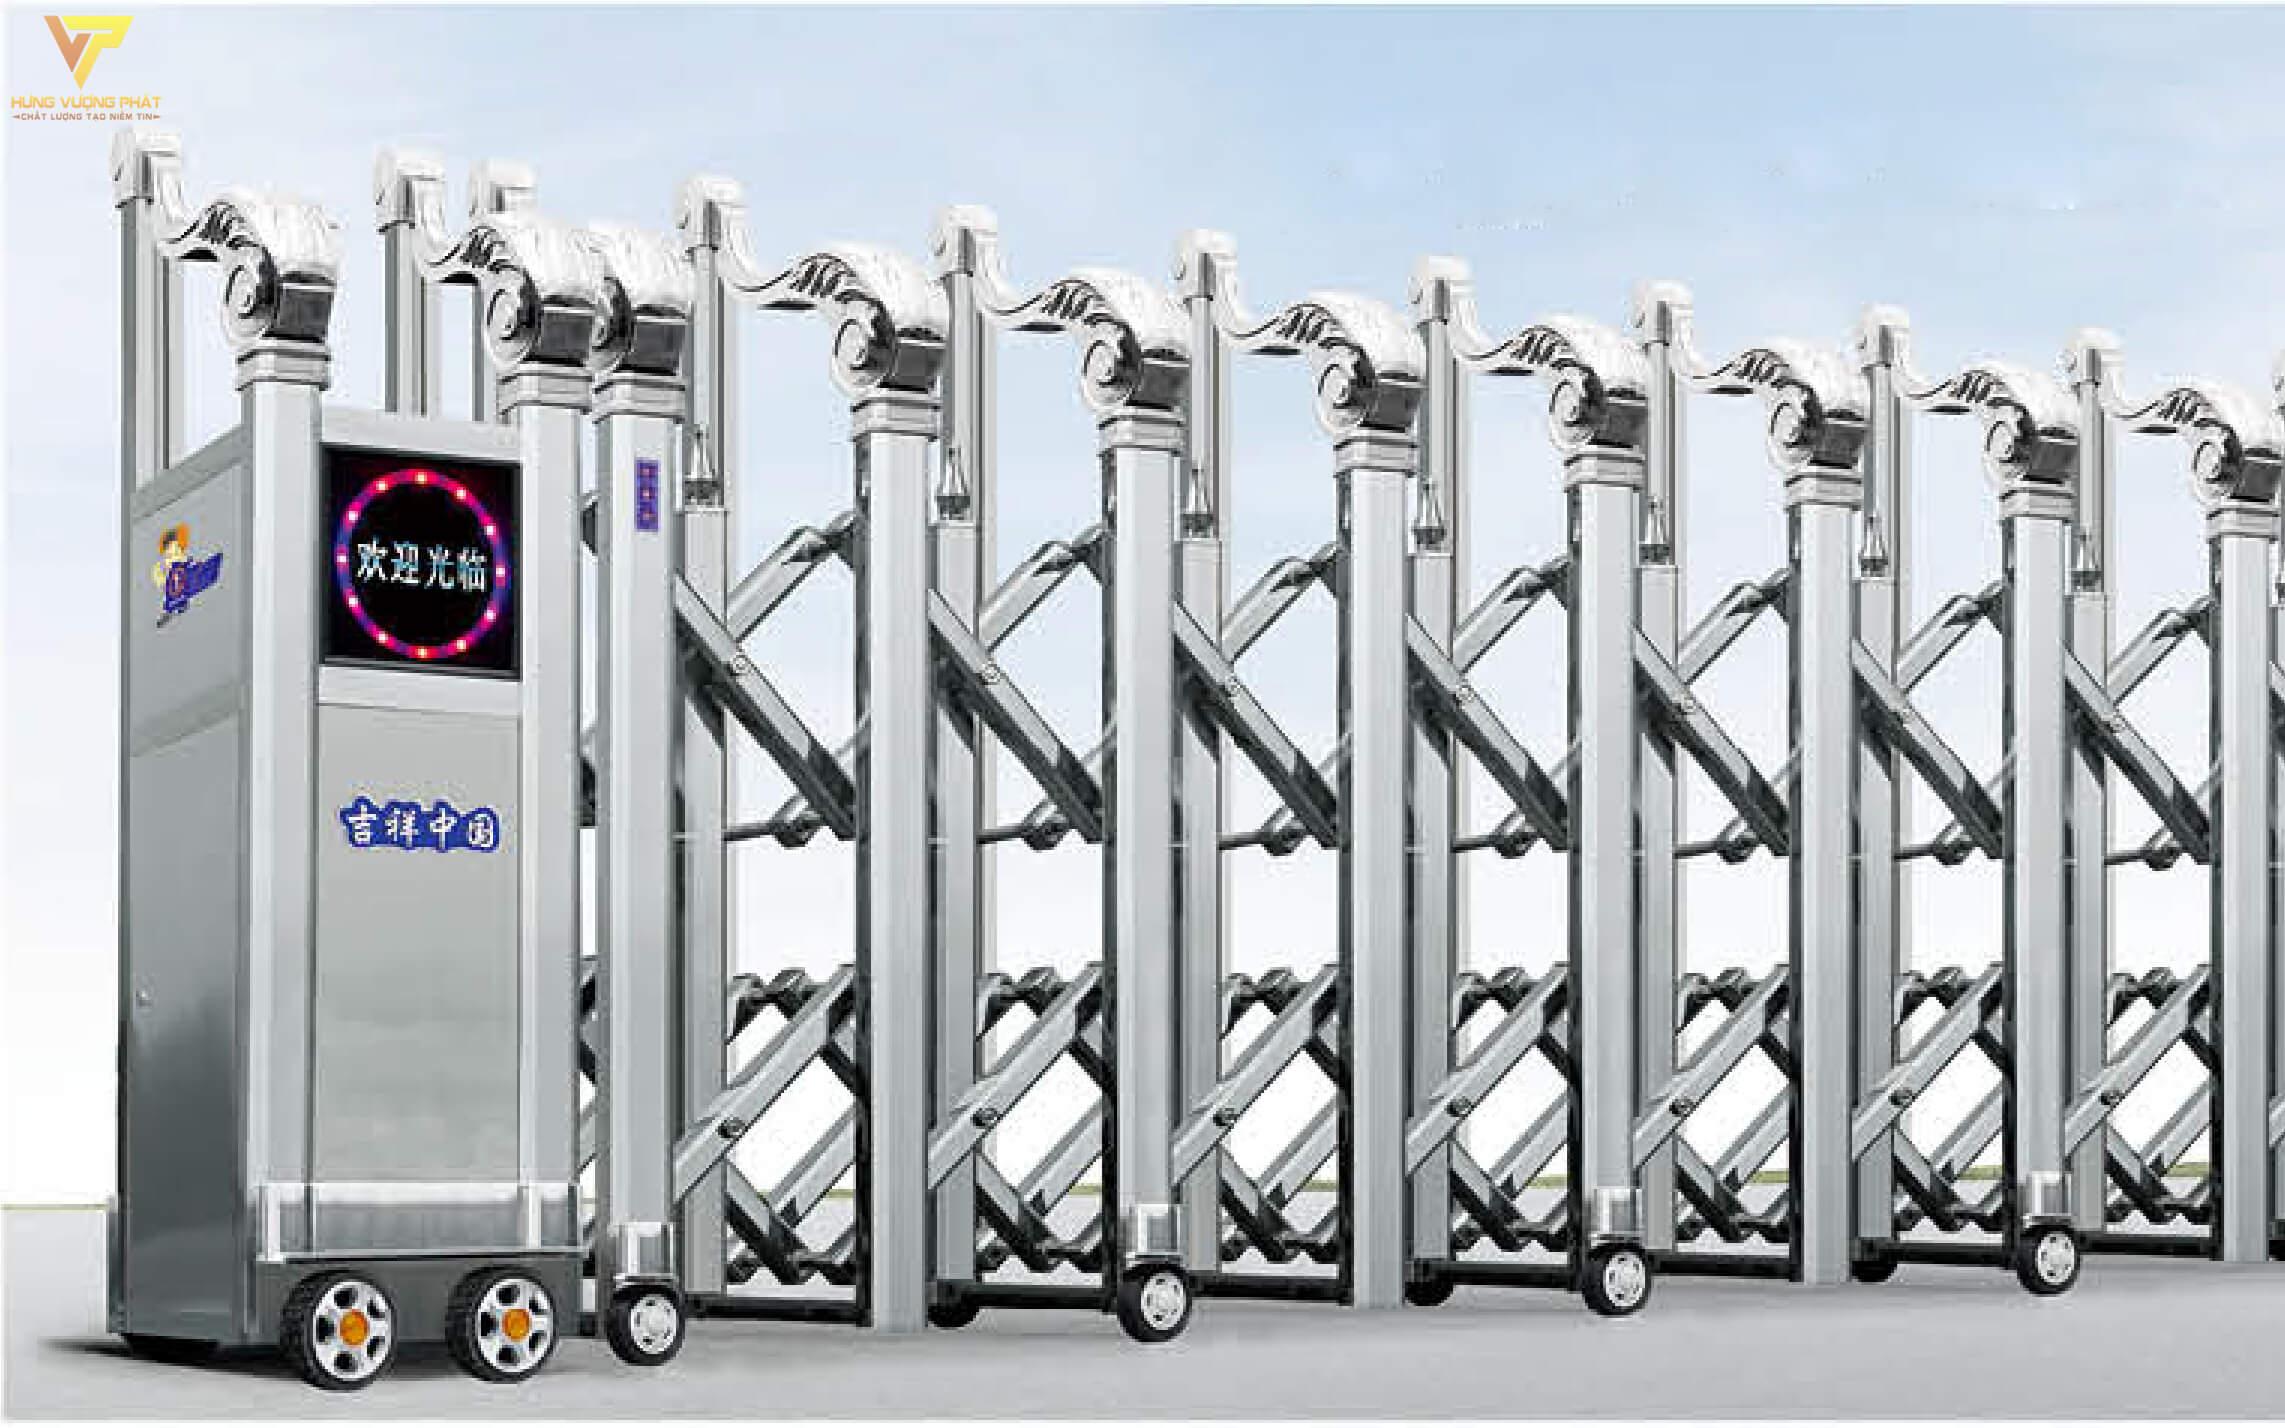 Cổng xếp inox chạy điện tự động HI15